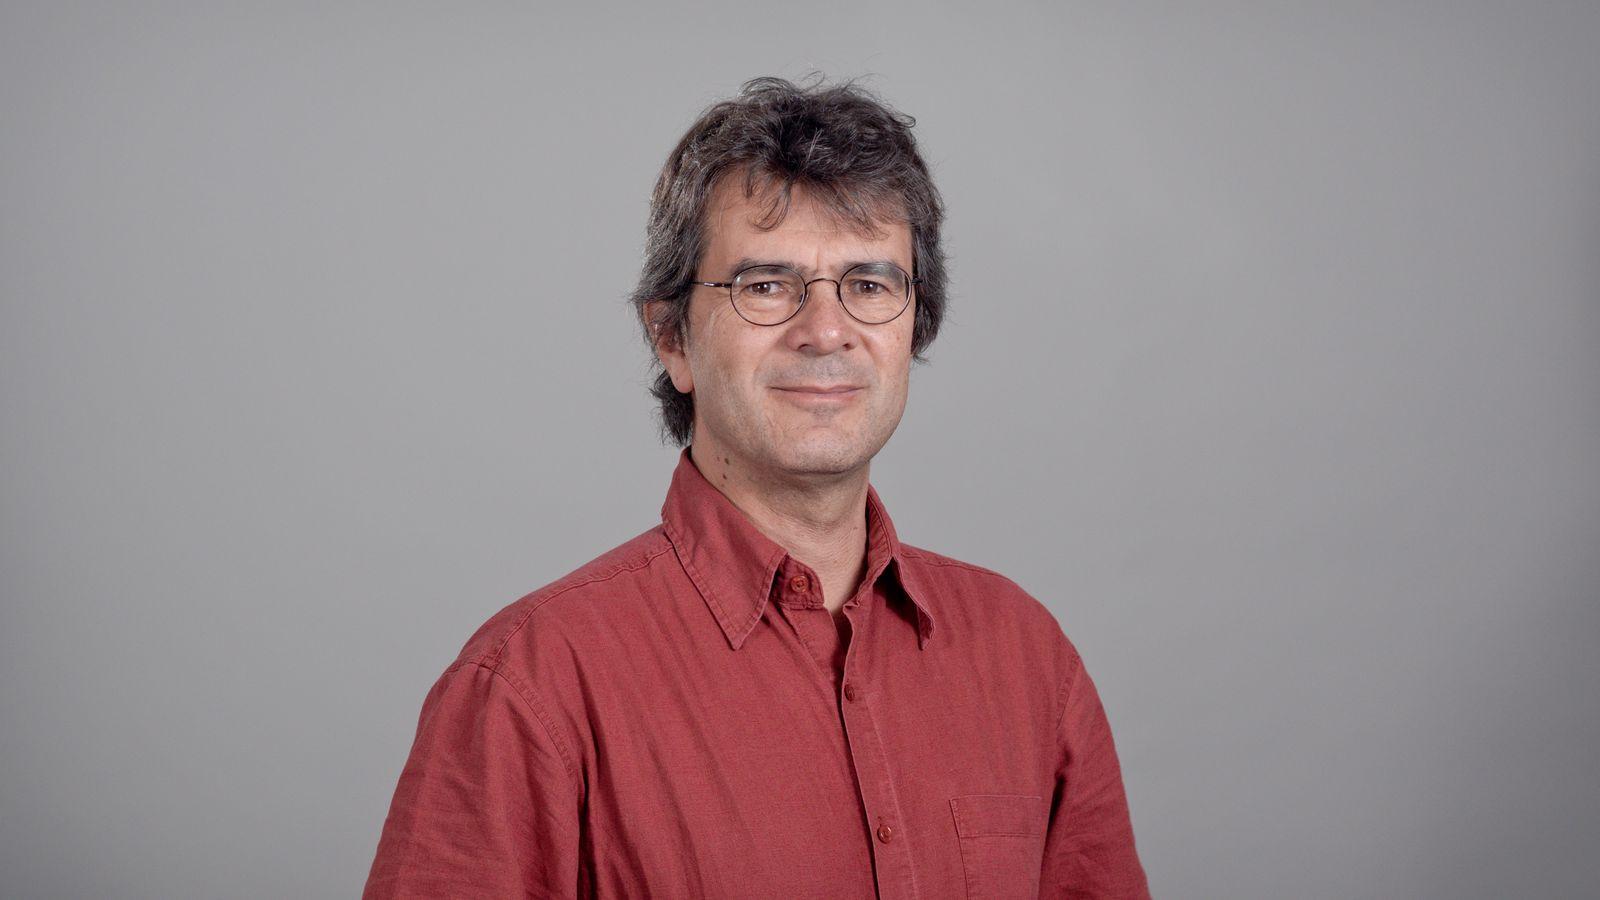 Prof. Gérard Krause